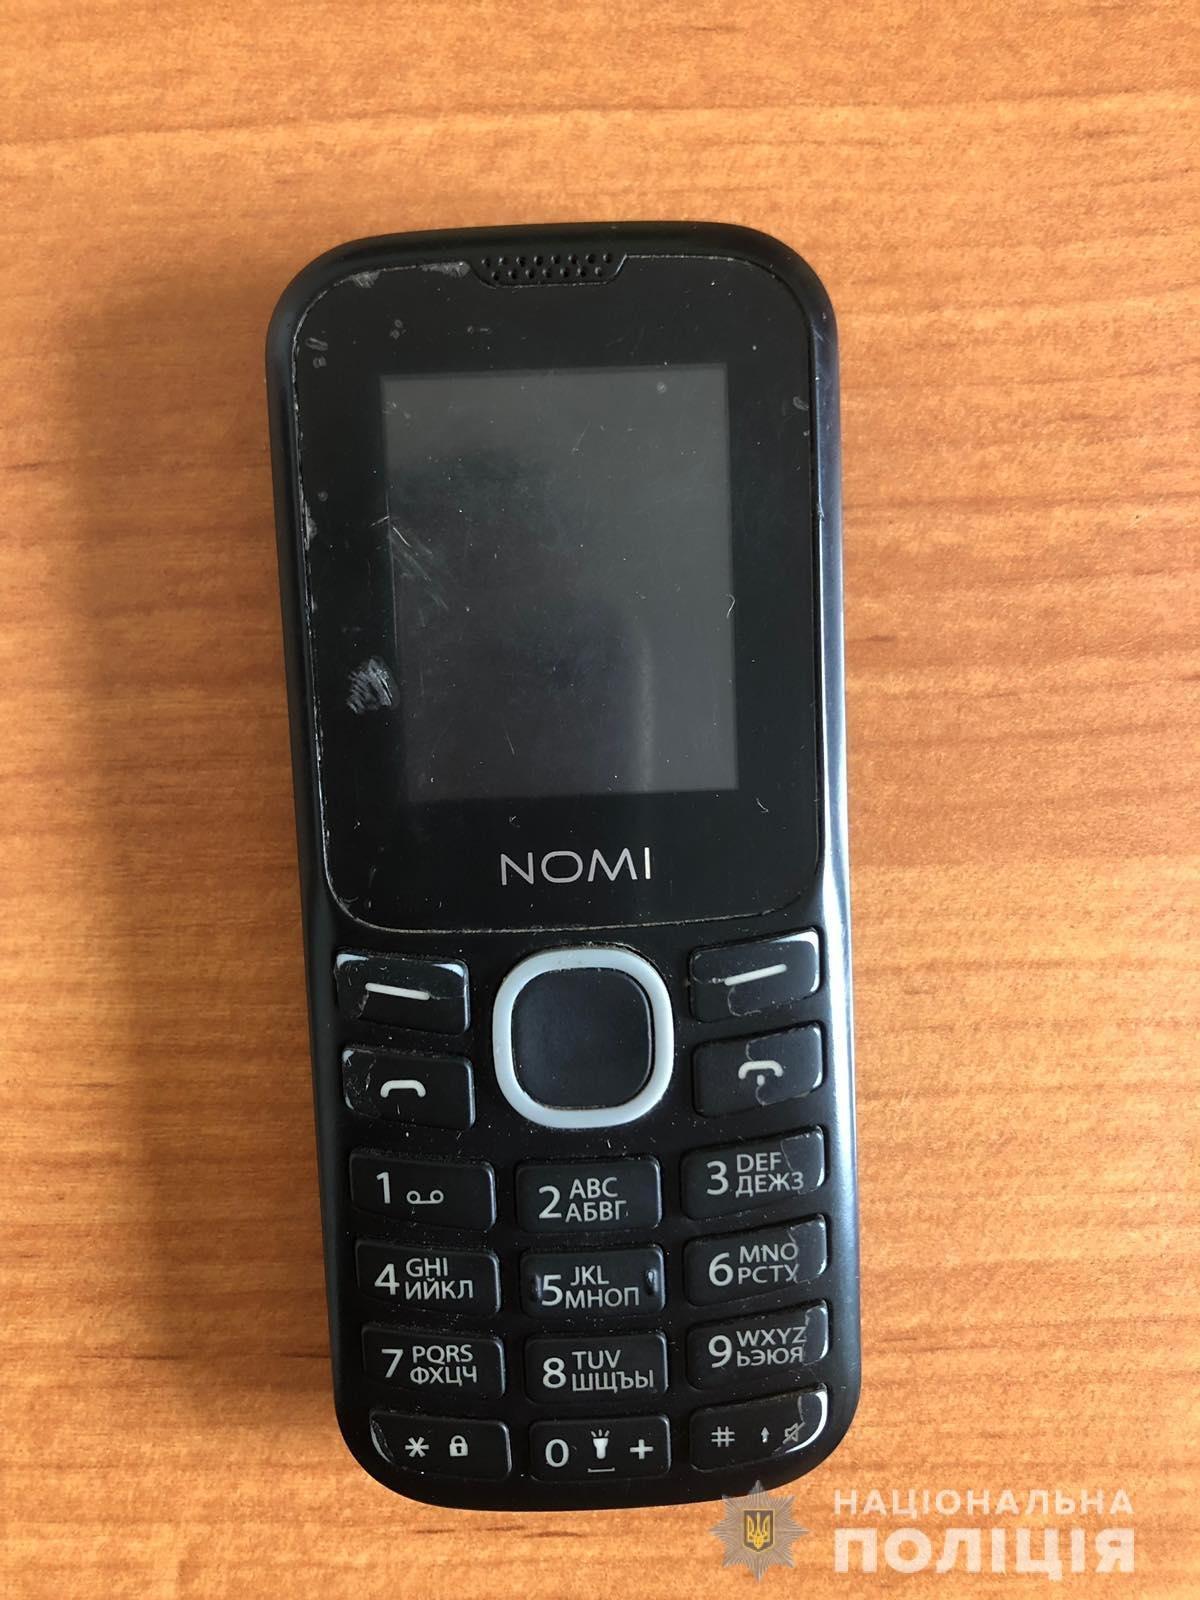 У 50-річного закарпатця під час перебування у лікарні викрали мобільний телефон (ФОТО), фото-1